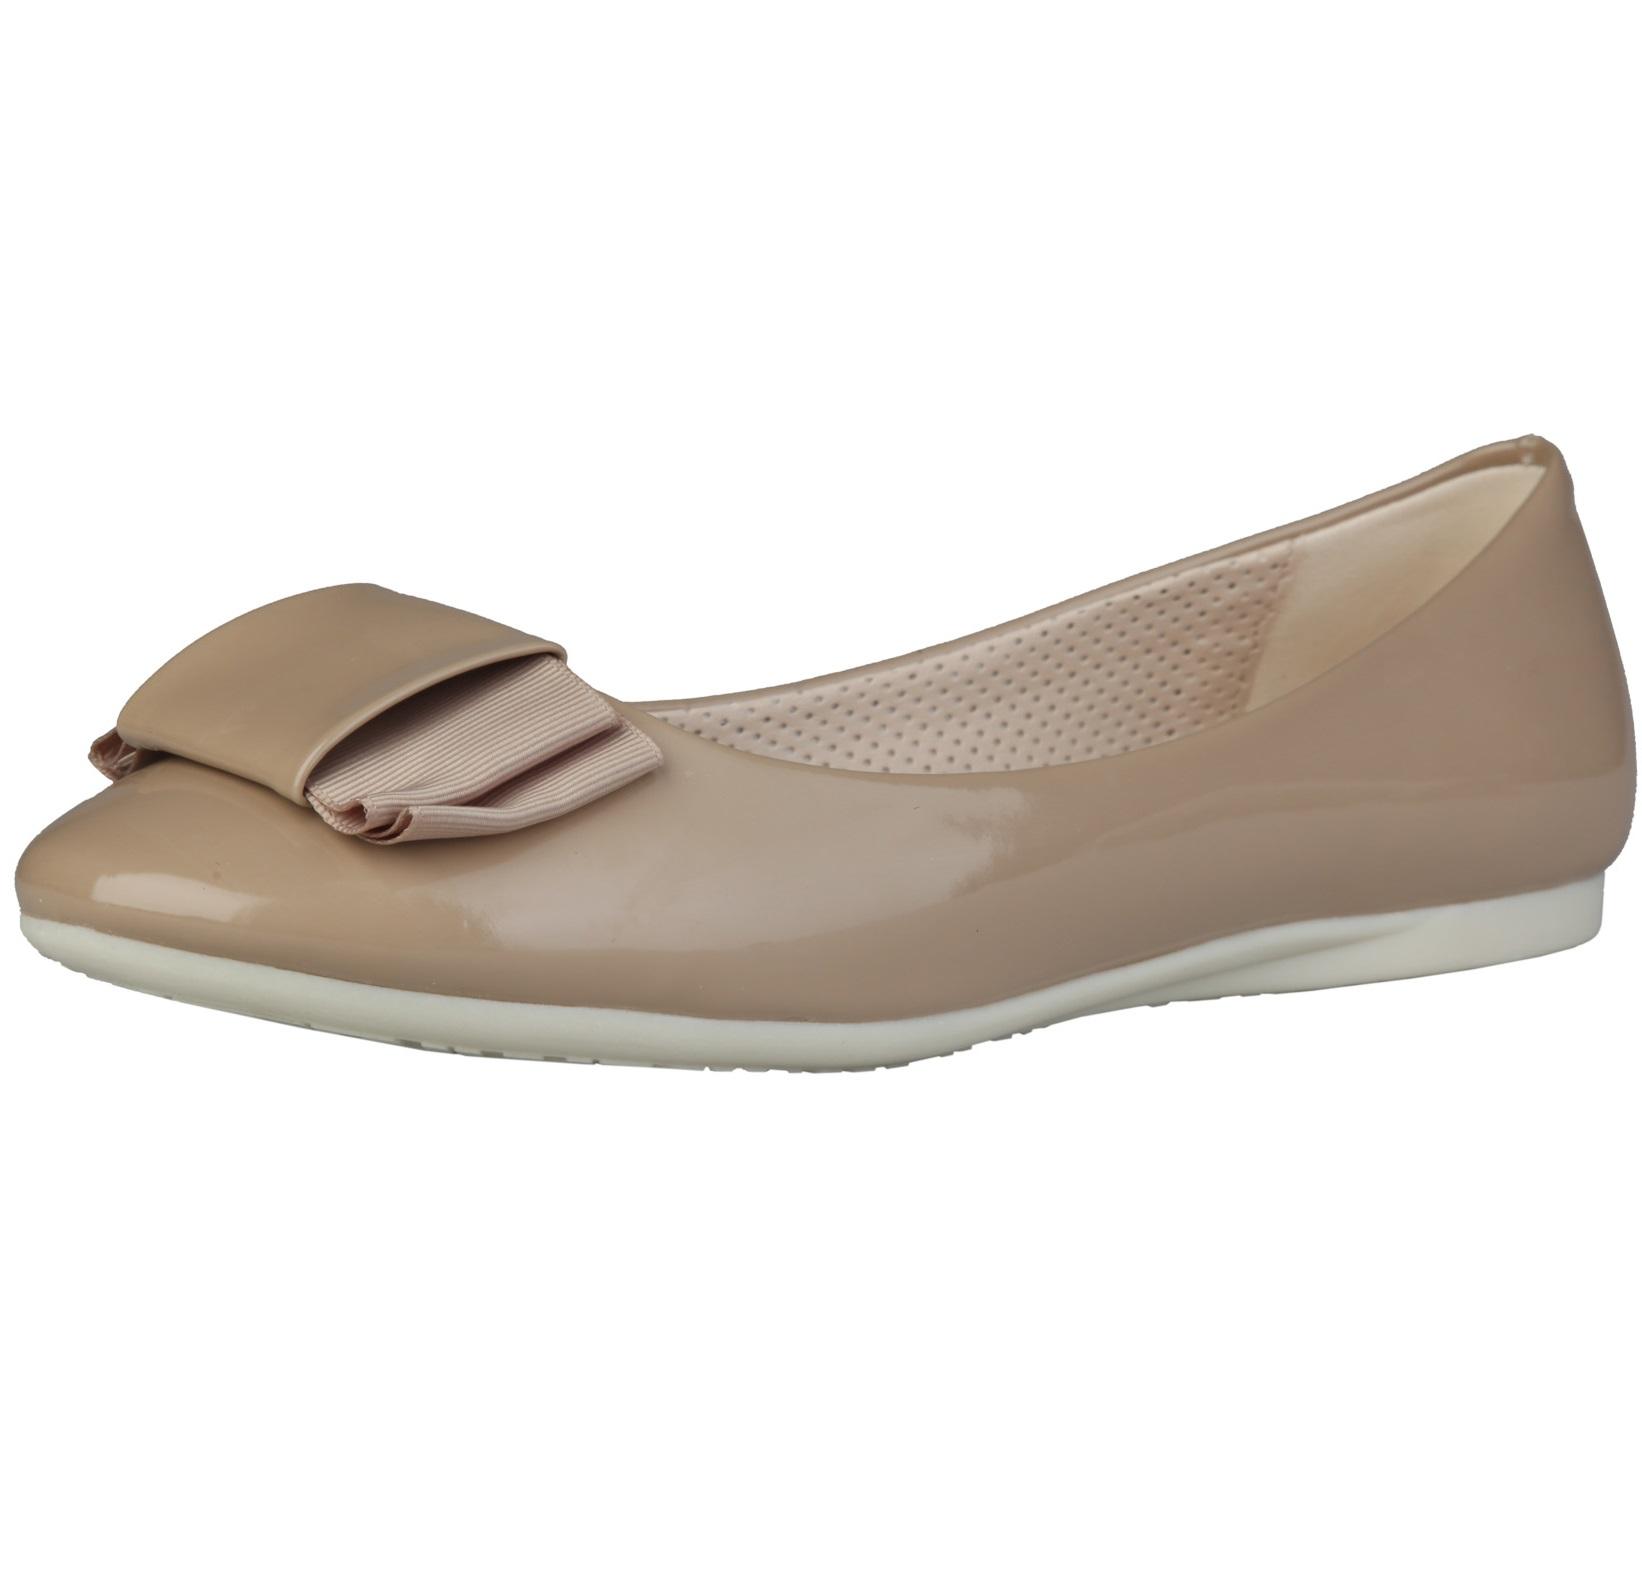 Sofia Loes Flat Shoes Fiocco Taupe Rf600154